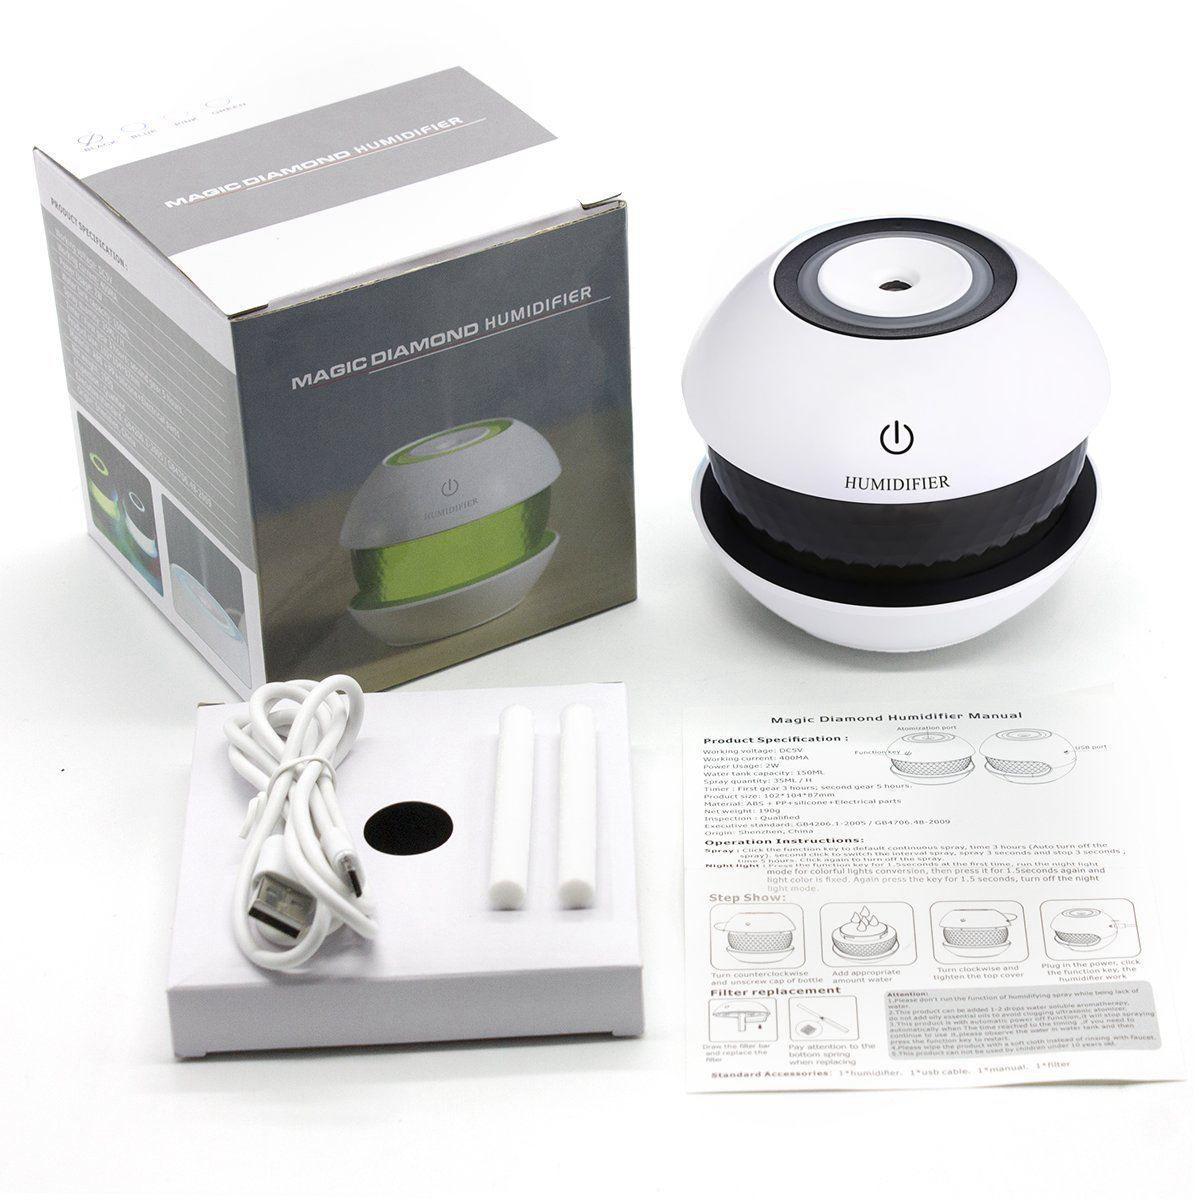 Umidificador de Ar Ultrassônico Magic Diamond Preto c/ Essência 2,5 ml / Aromatizador / Luminária 7 Cores de Luzes Alternadas, Carregamento USB, Interruptor de toque / Casa e Carro